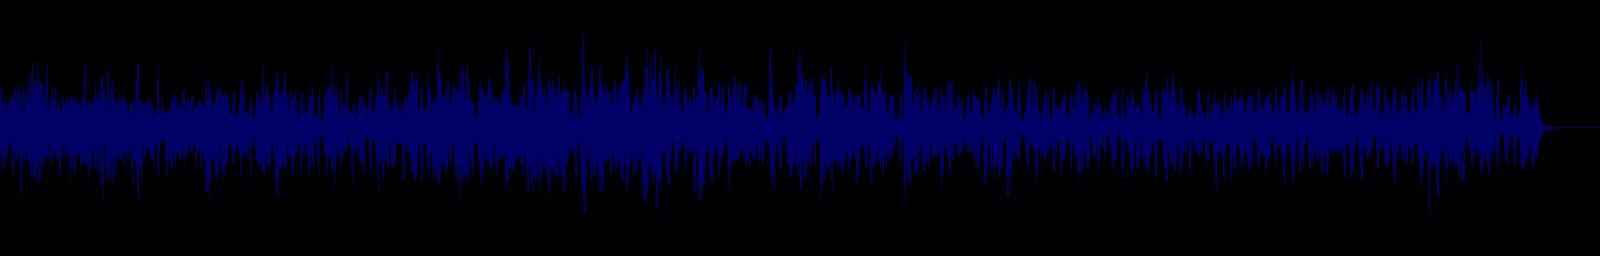 waveform of track #150627